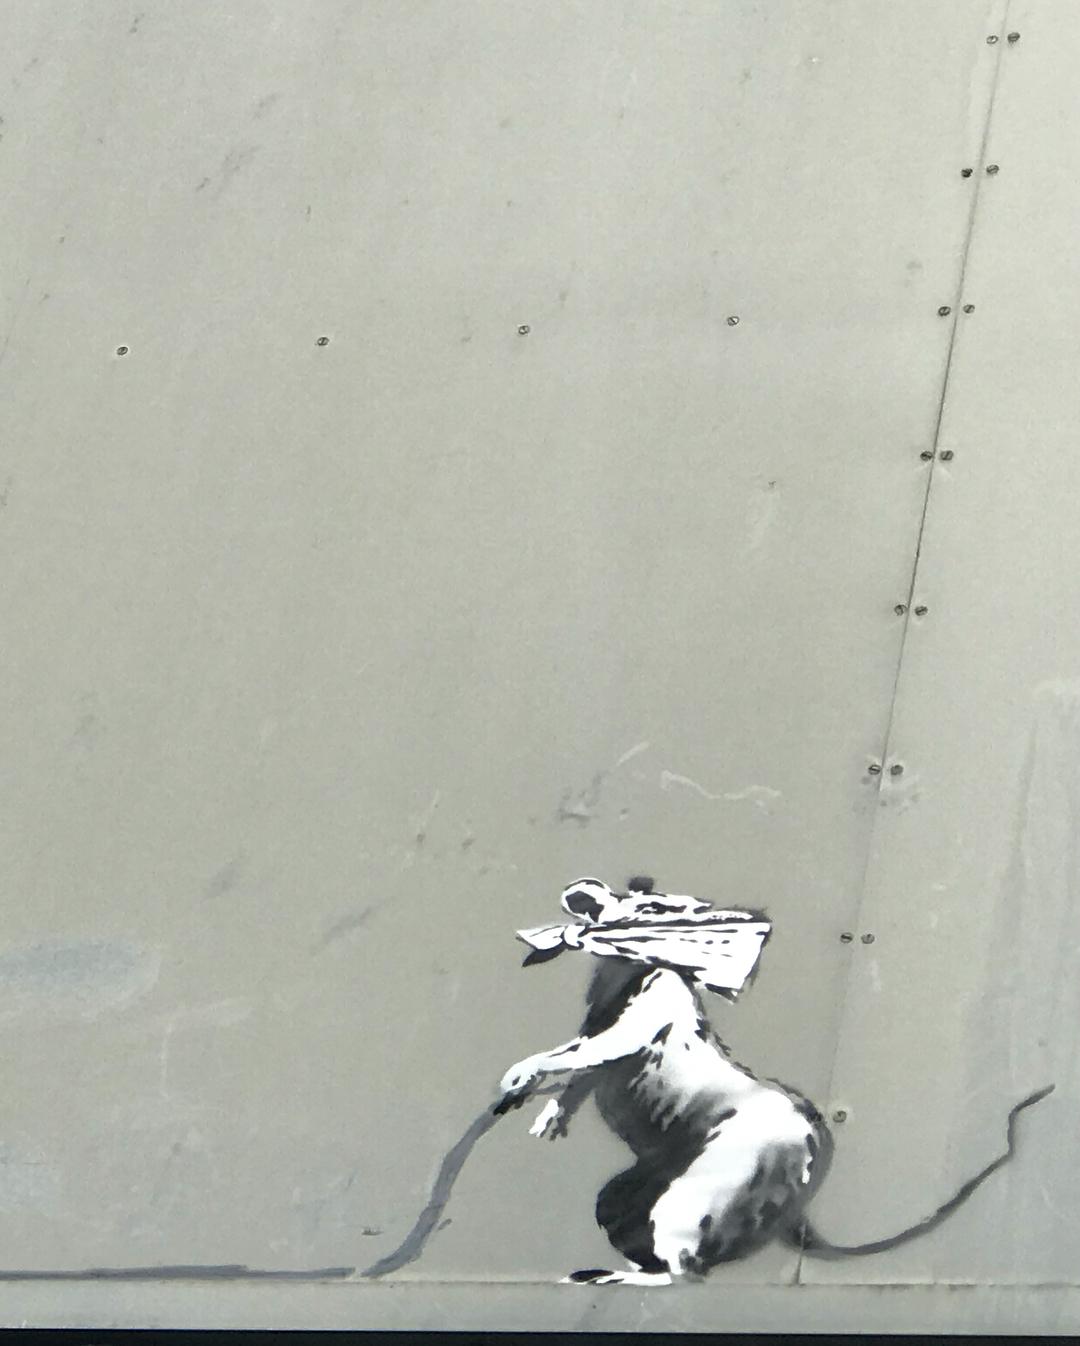 Banksy unveils new pieces in Paris, France Artes & contextos 36085829 244138976360786 7415804092208906240 n